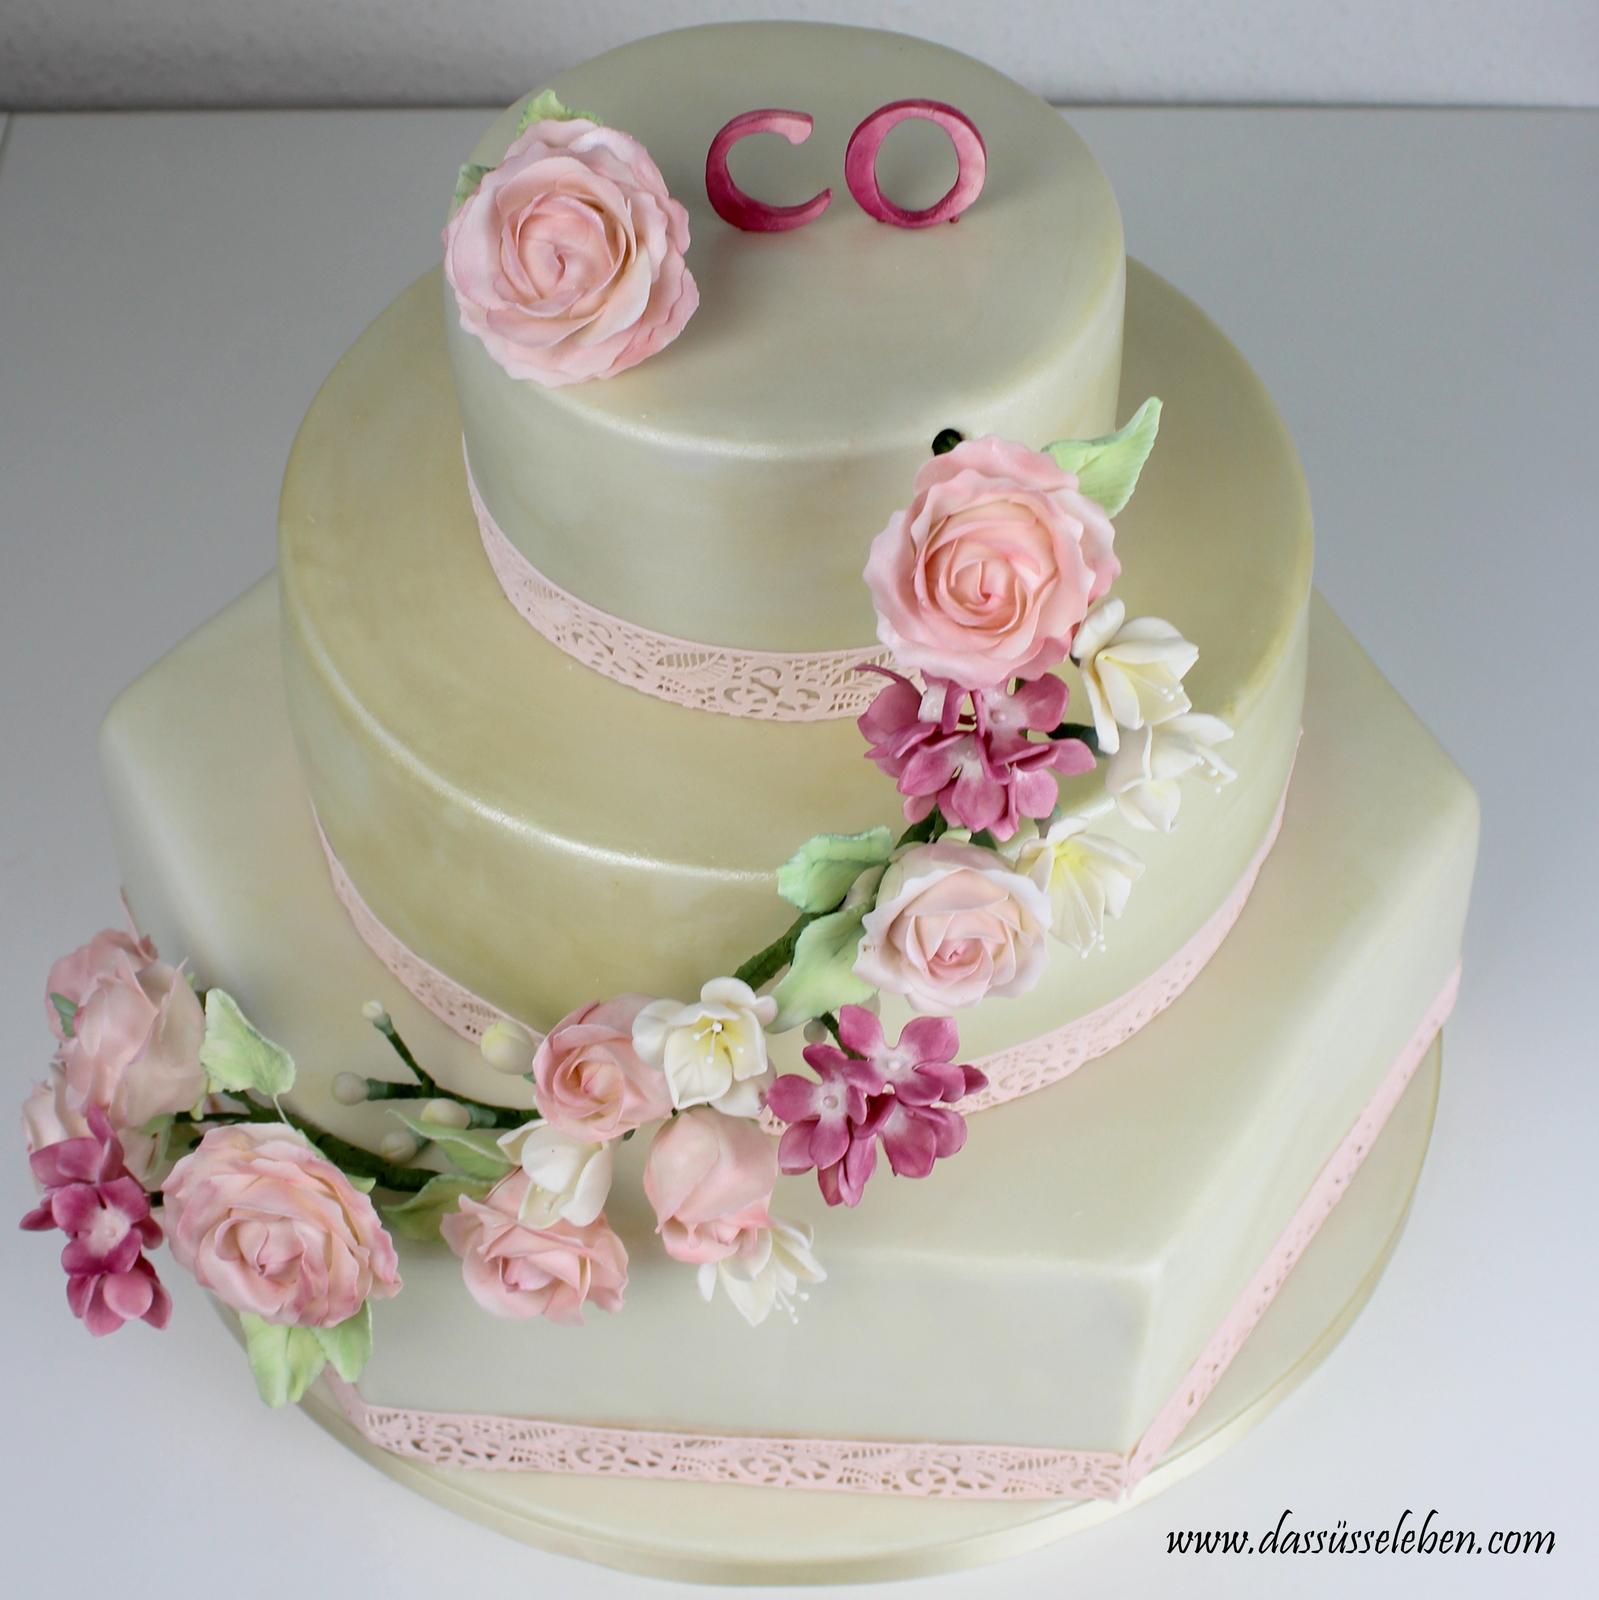 Rezept Cremefarbene Hochzeitstorte Mit Blumenranke Das Susse Leben